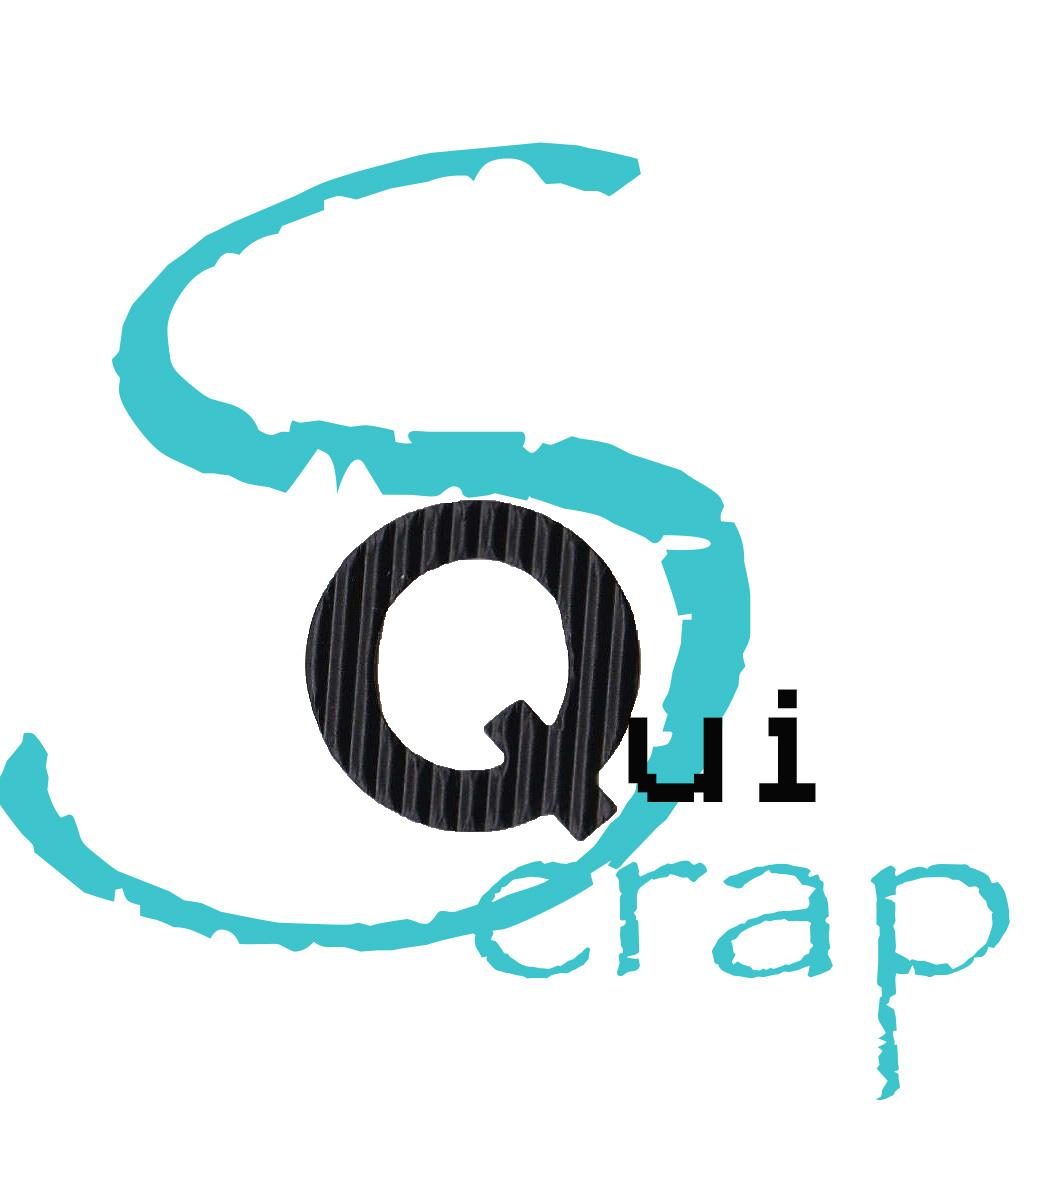 Quiscrap